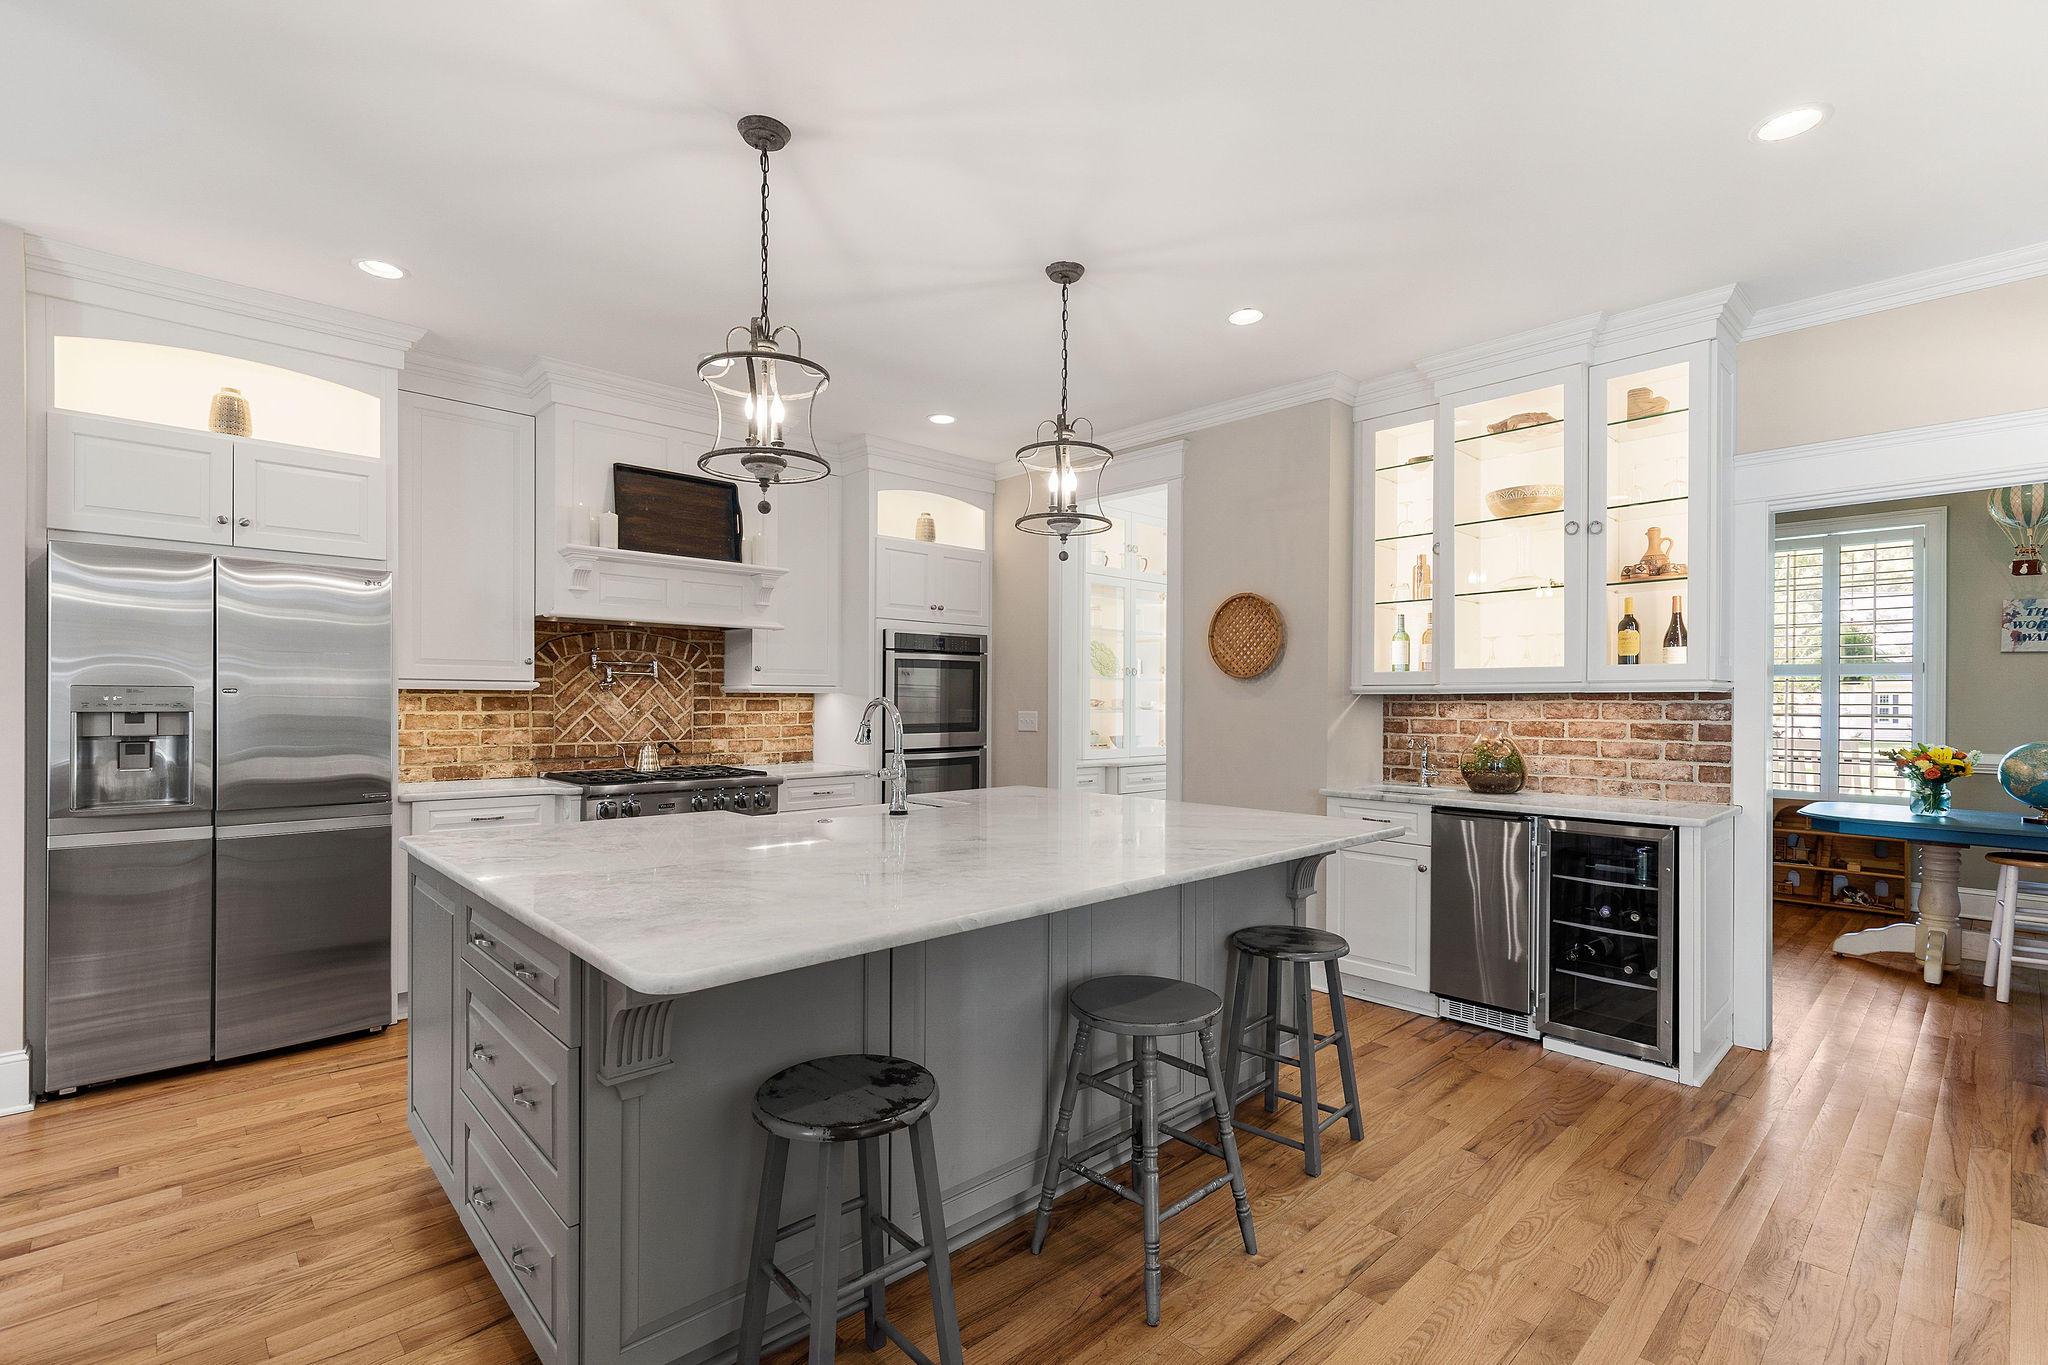 Dunes West Homes For Sale - 3201 Cottonfield, Mount Pleasant, SC - 41